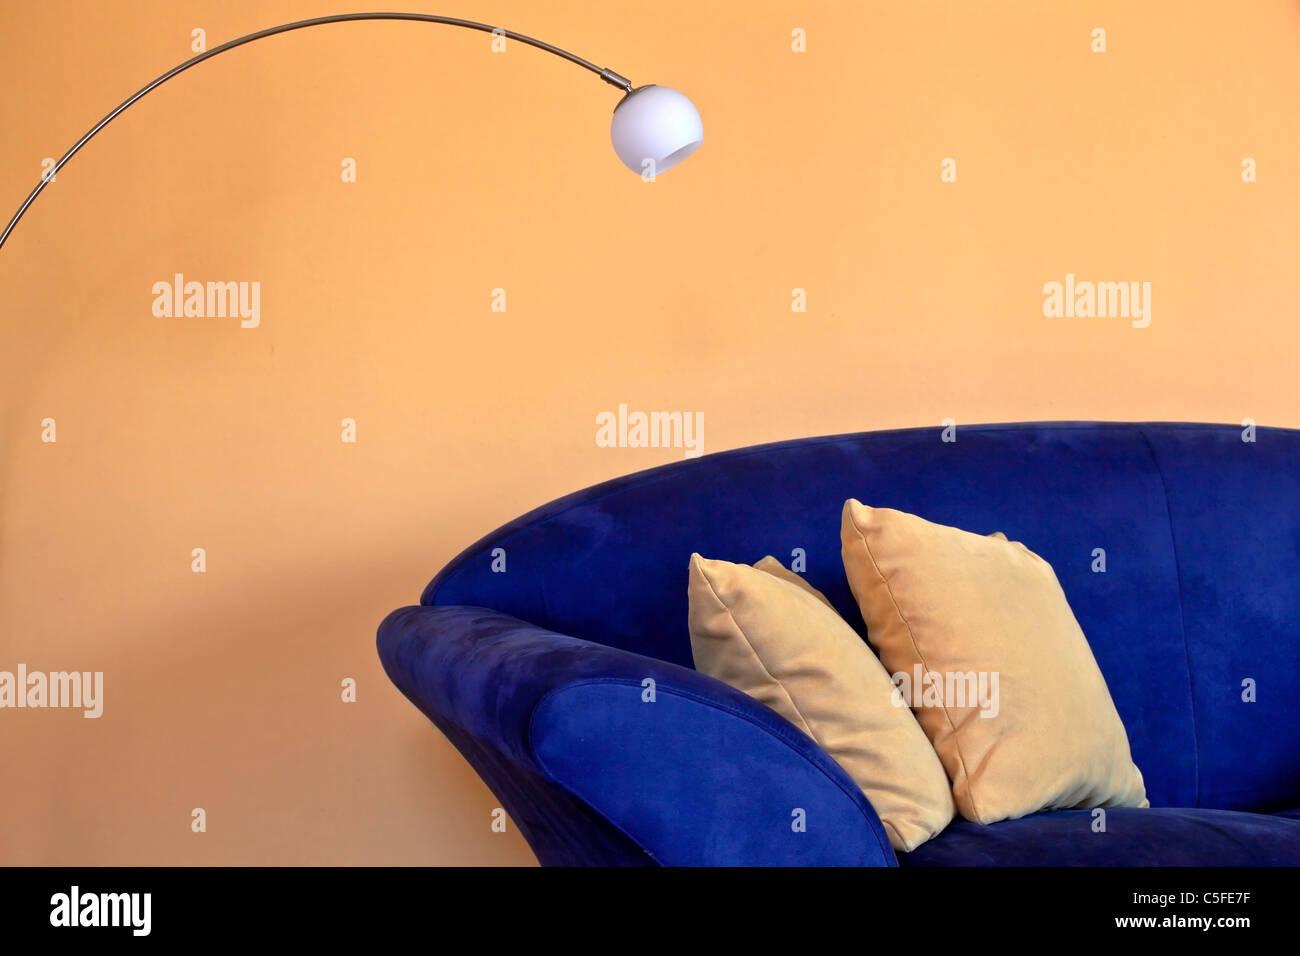 Un sofá azul con lámpara de lectura y almohadas y paredes amarillas Imagen De Stock